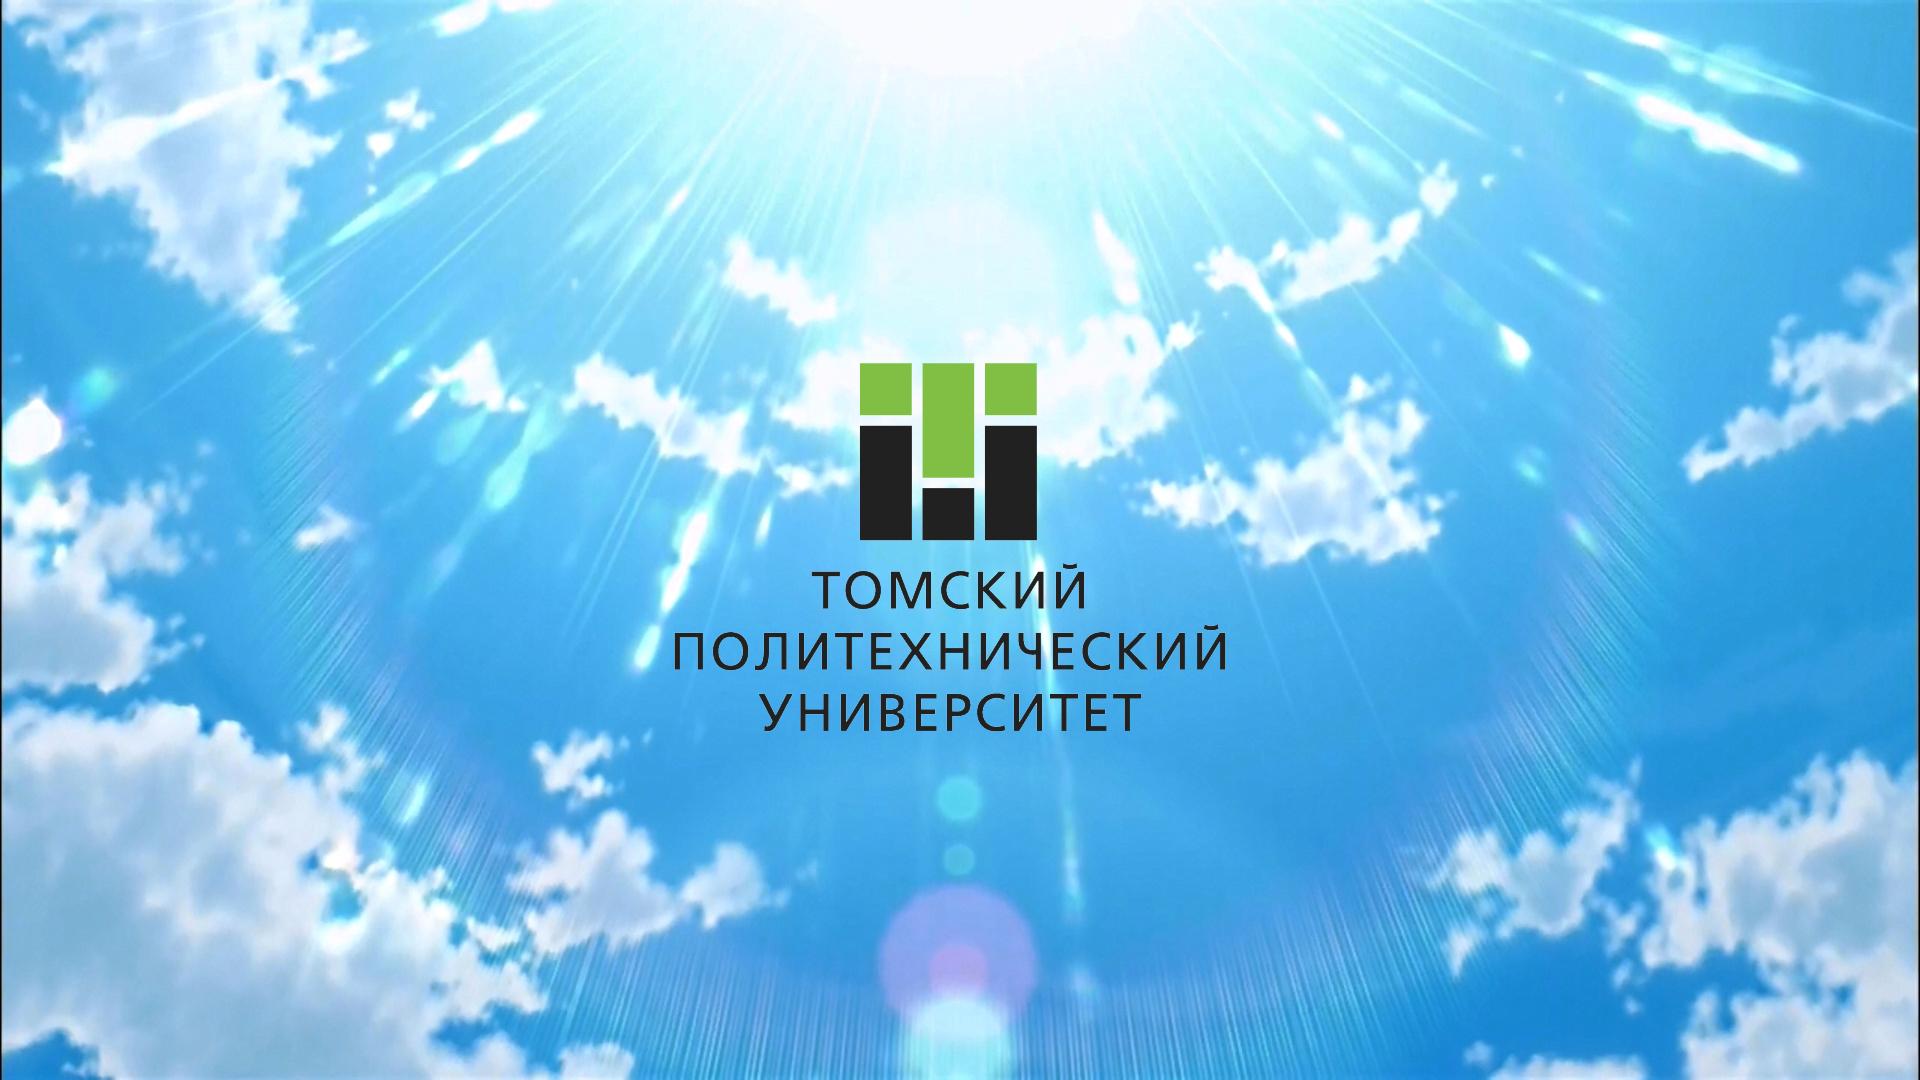 Расписание торжественных мероприятий посвященных 120-летию ТПУ